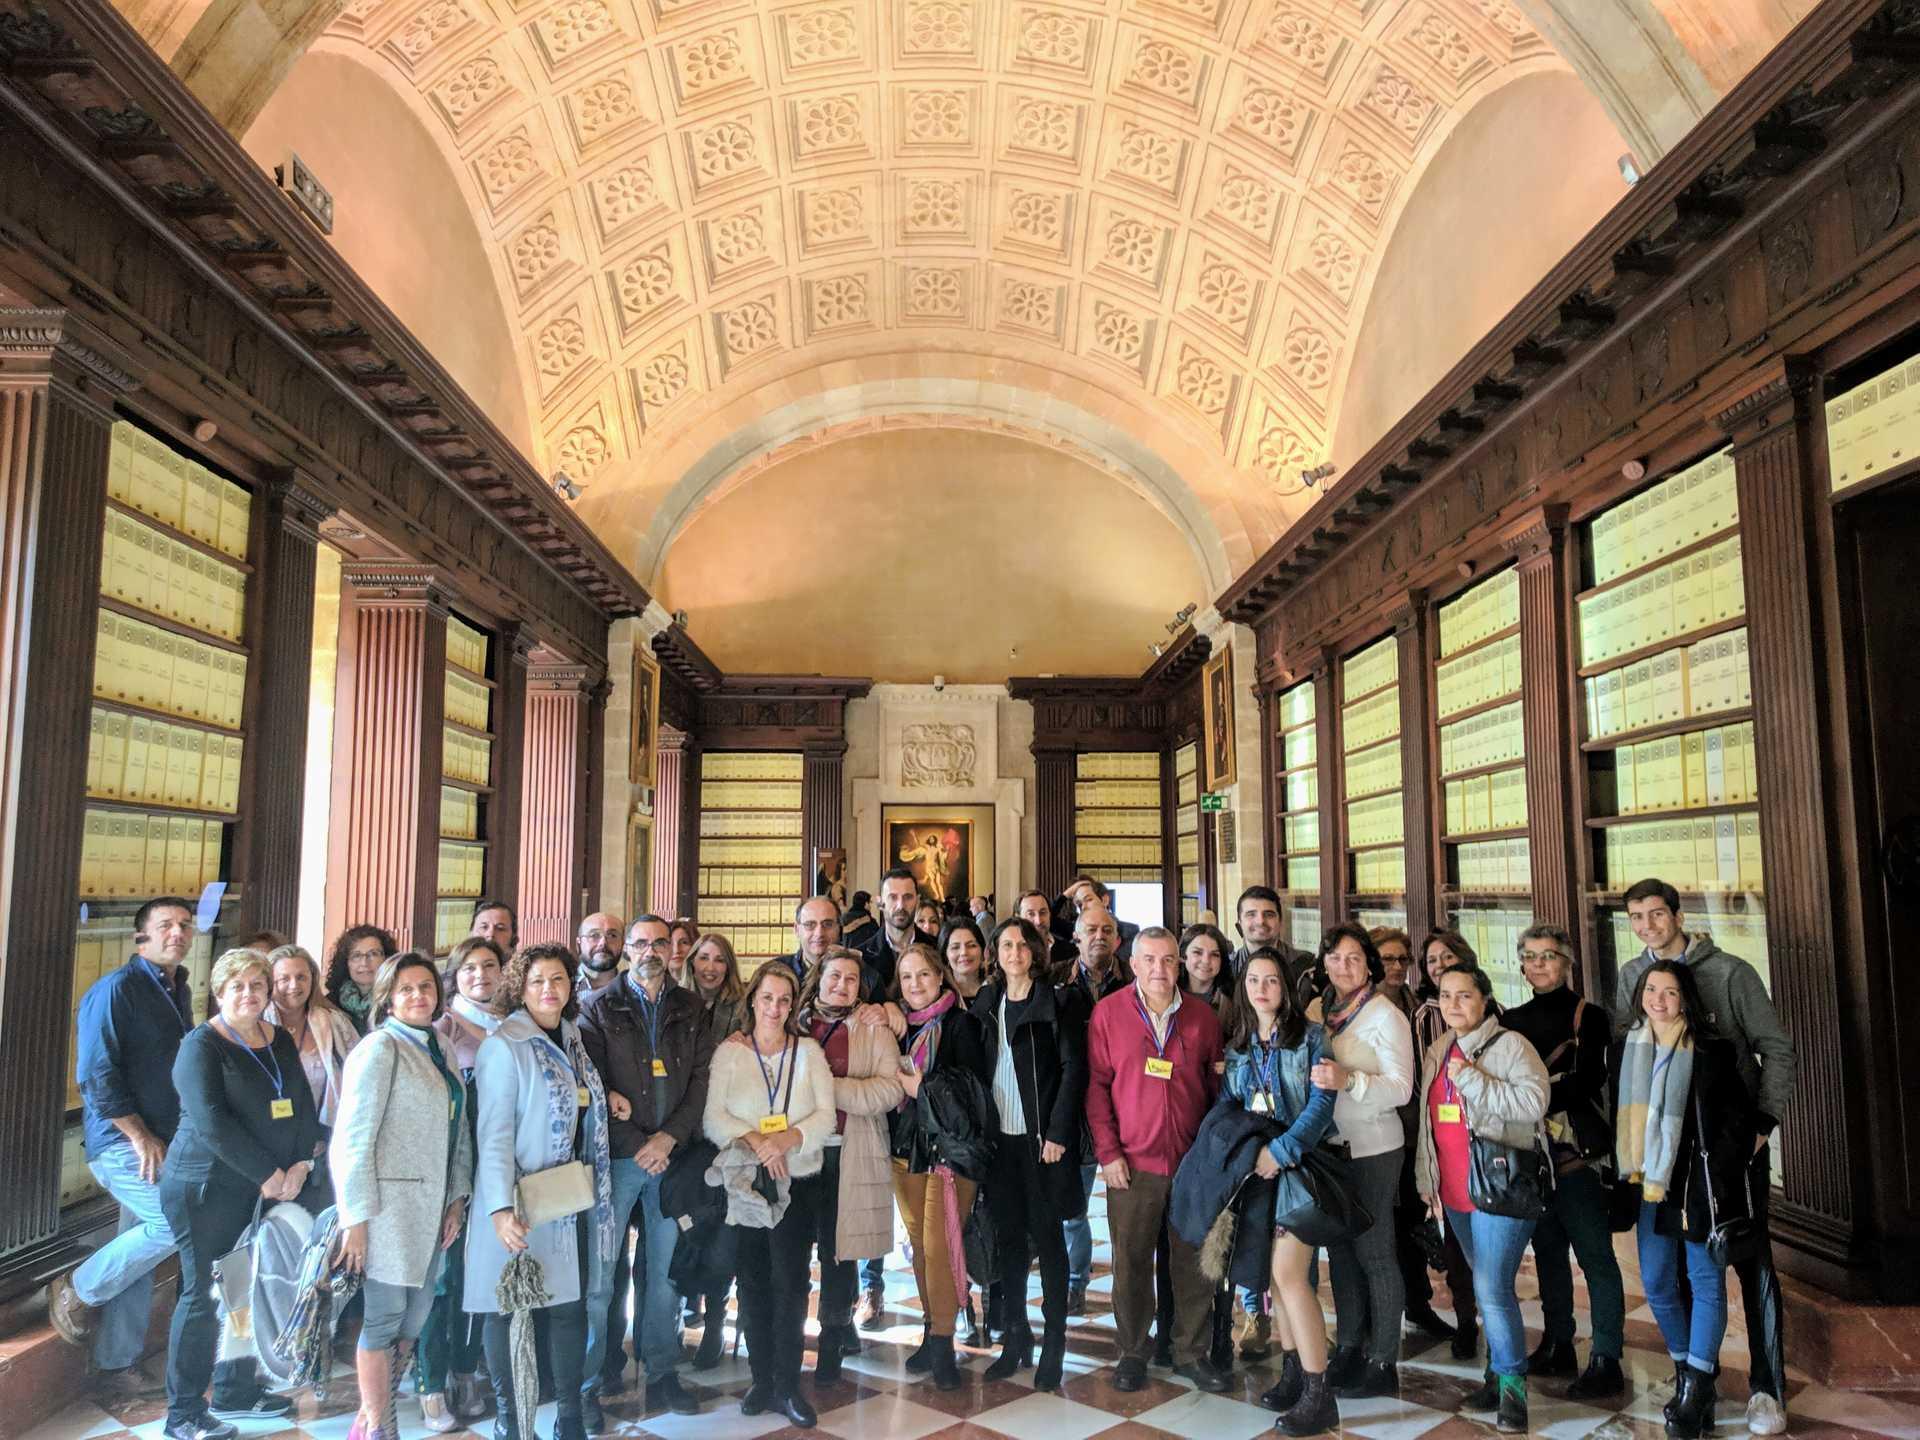 Archivo de Indias Visita Guiada